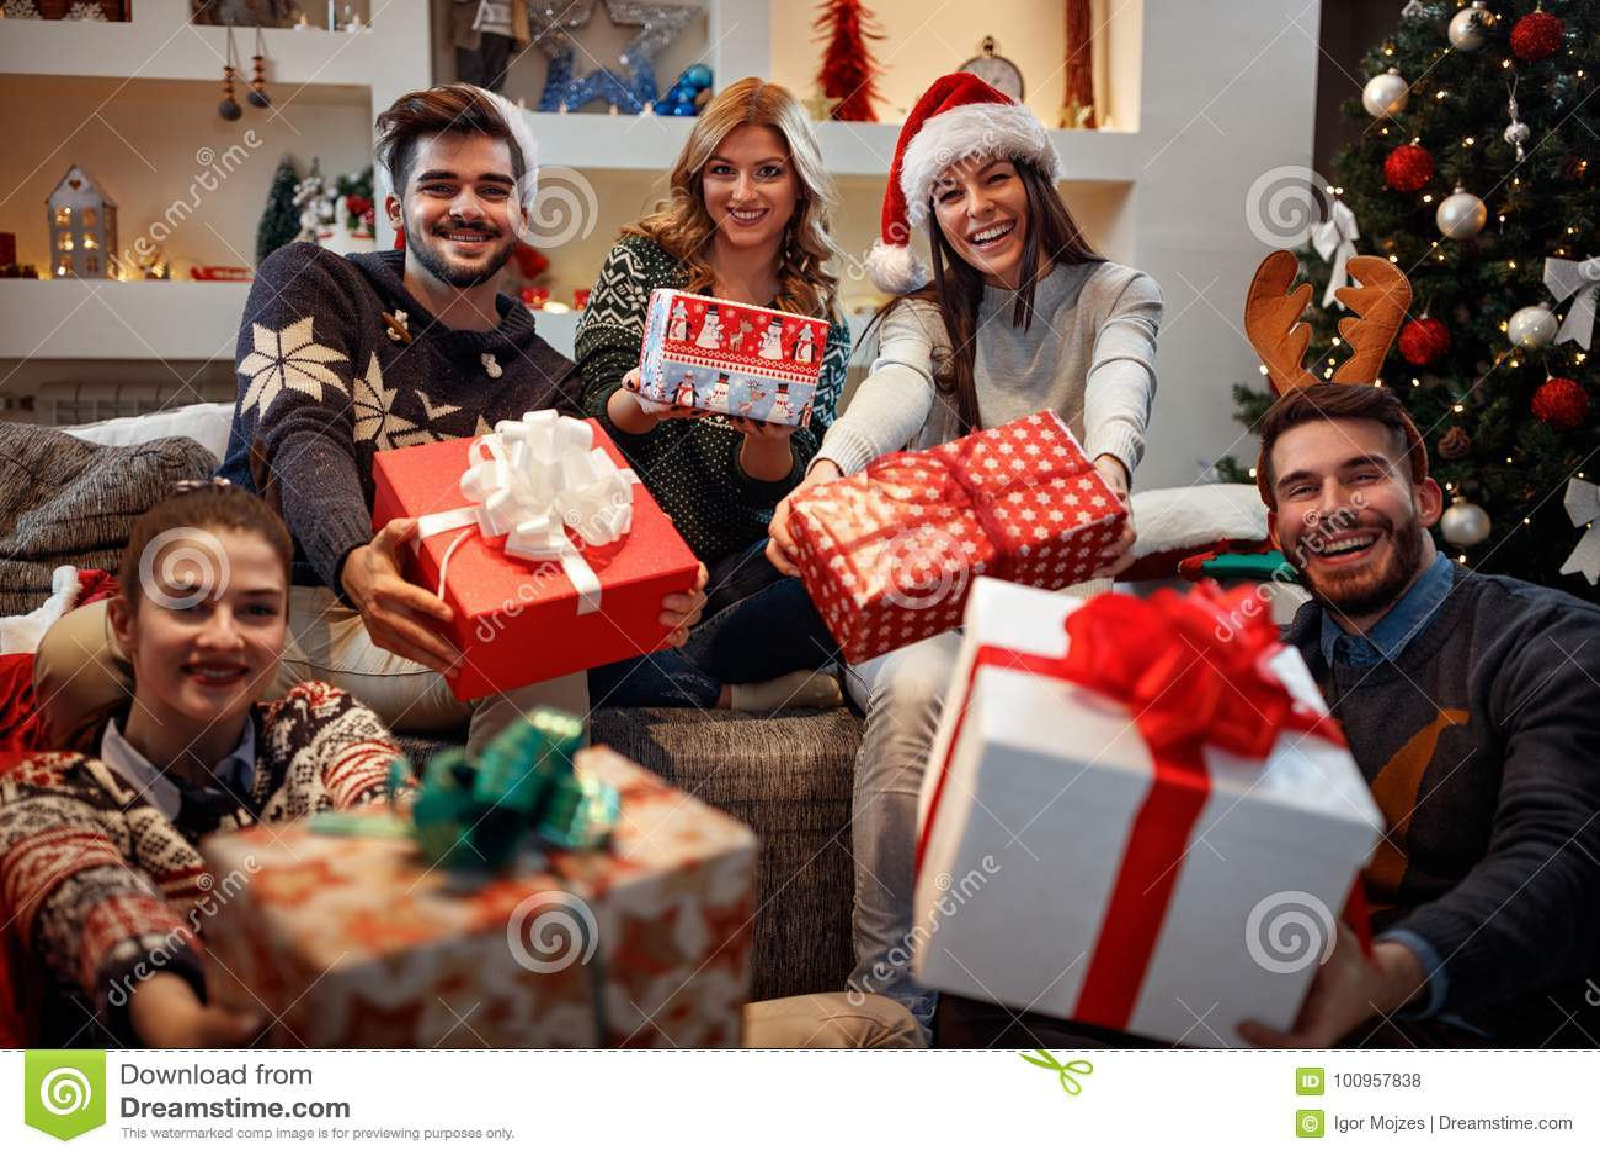 Gente Feliz En Navidad.Gente Feliz Joven Con Los Regalos Para La Navidad Foto De